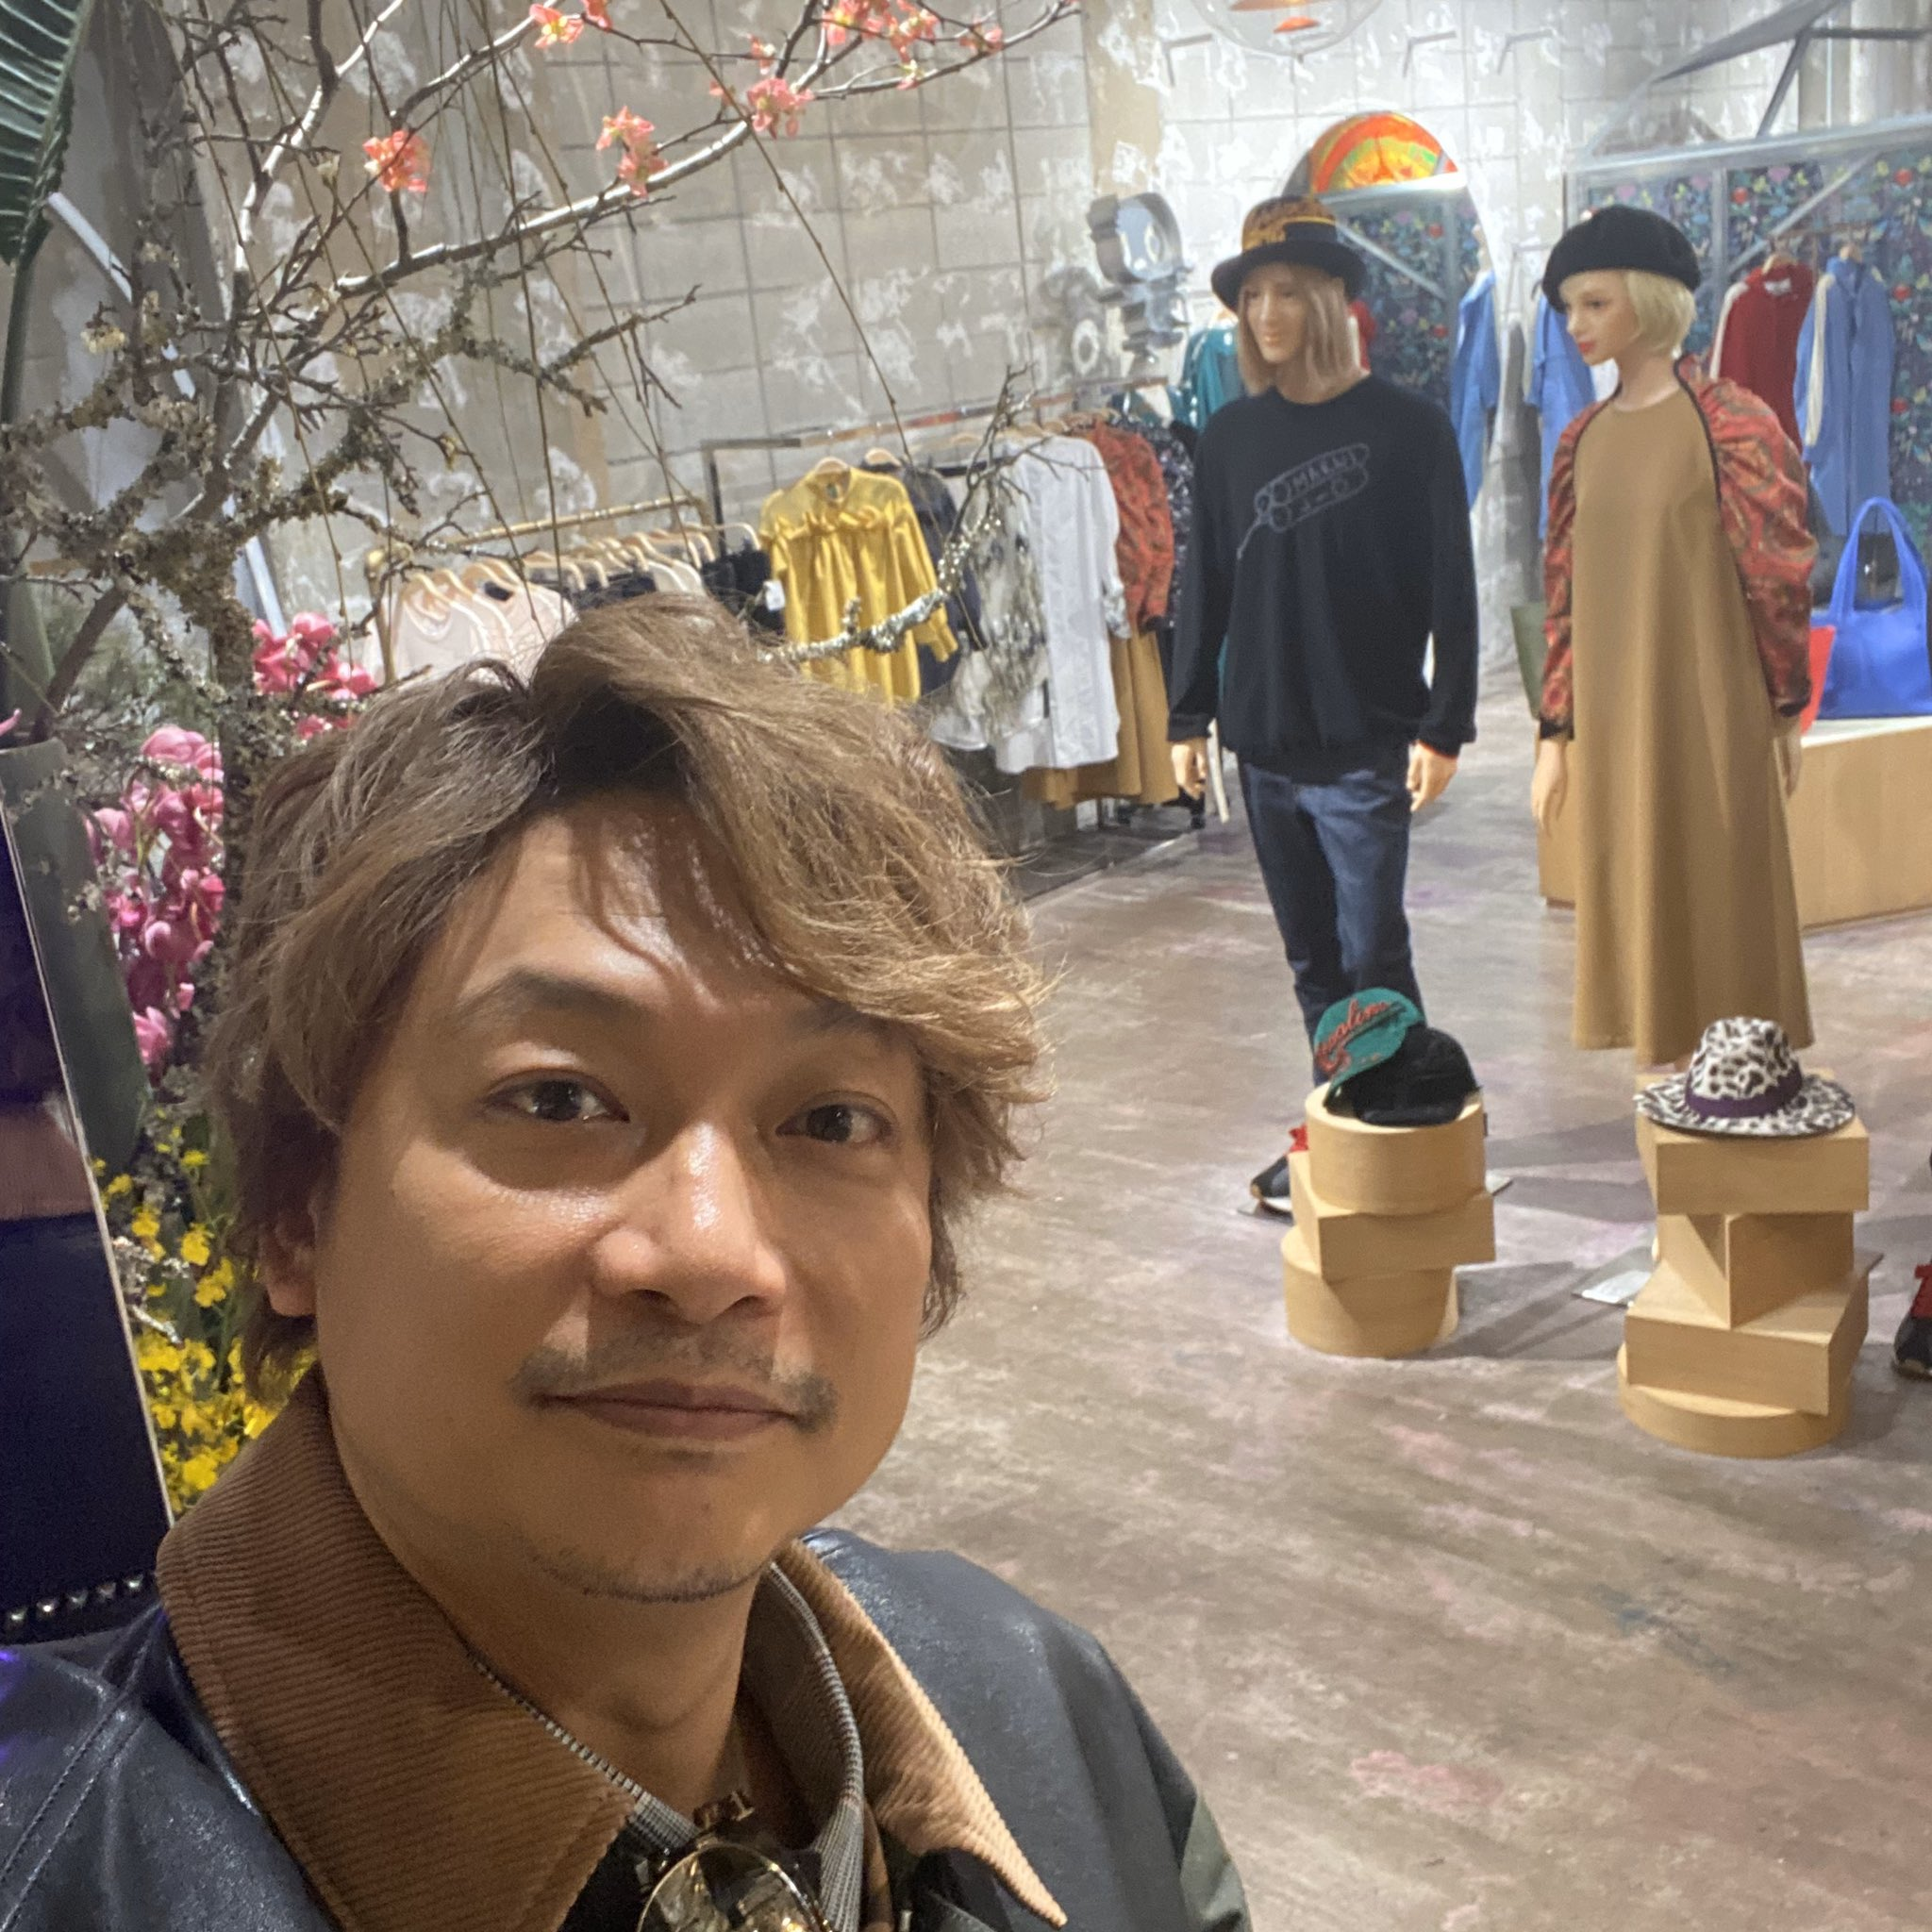 香取慎吾ついにソロ地上波で歌う番組・時間は?アルバム動画も視聴できる